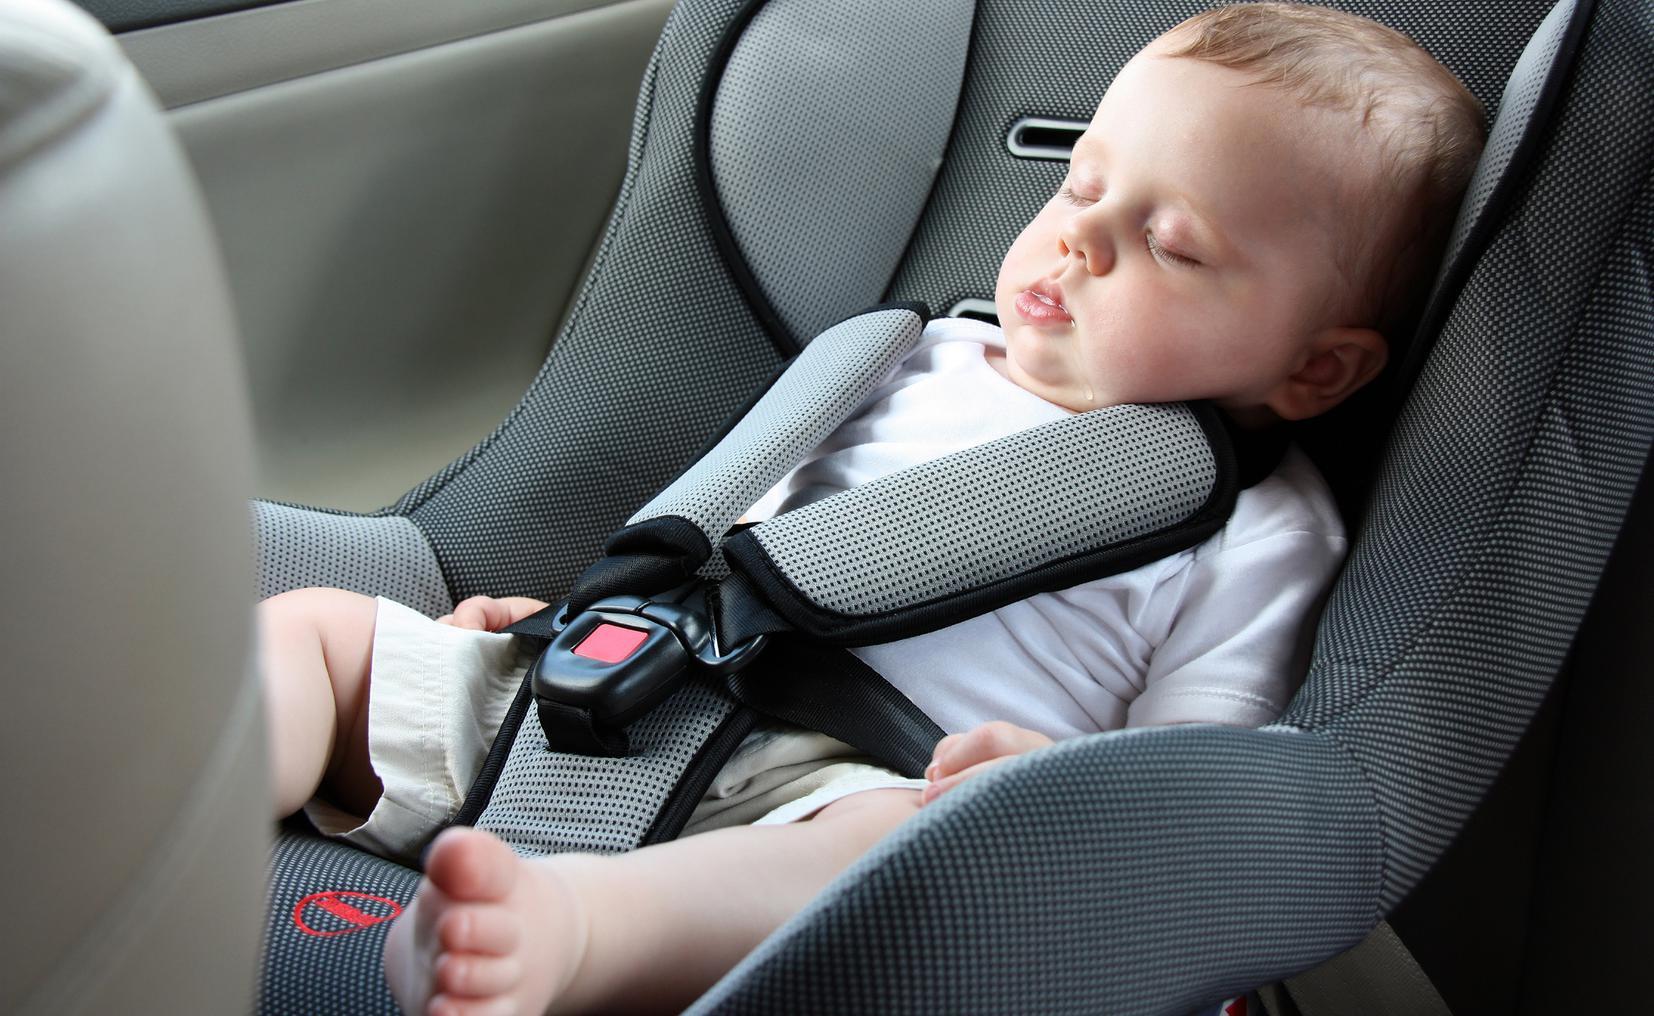 Автолюлька для новорожденных: фото, возраст, до которого можно использовать для перевозки младенцев в машине и лучшие детские модели